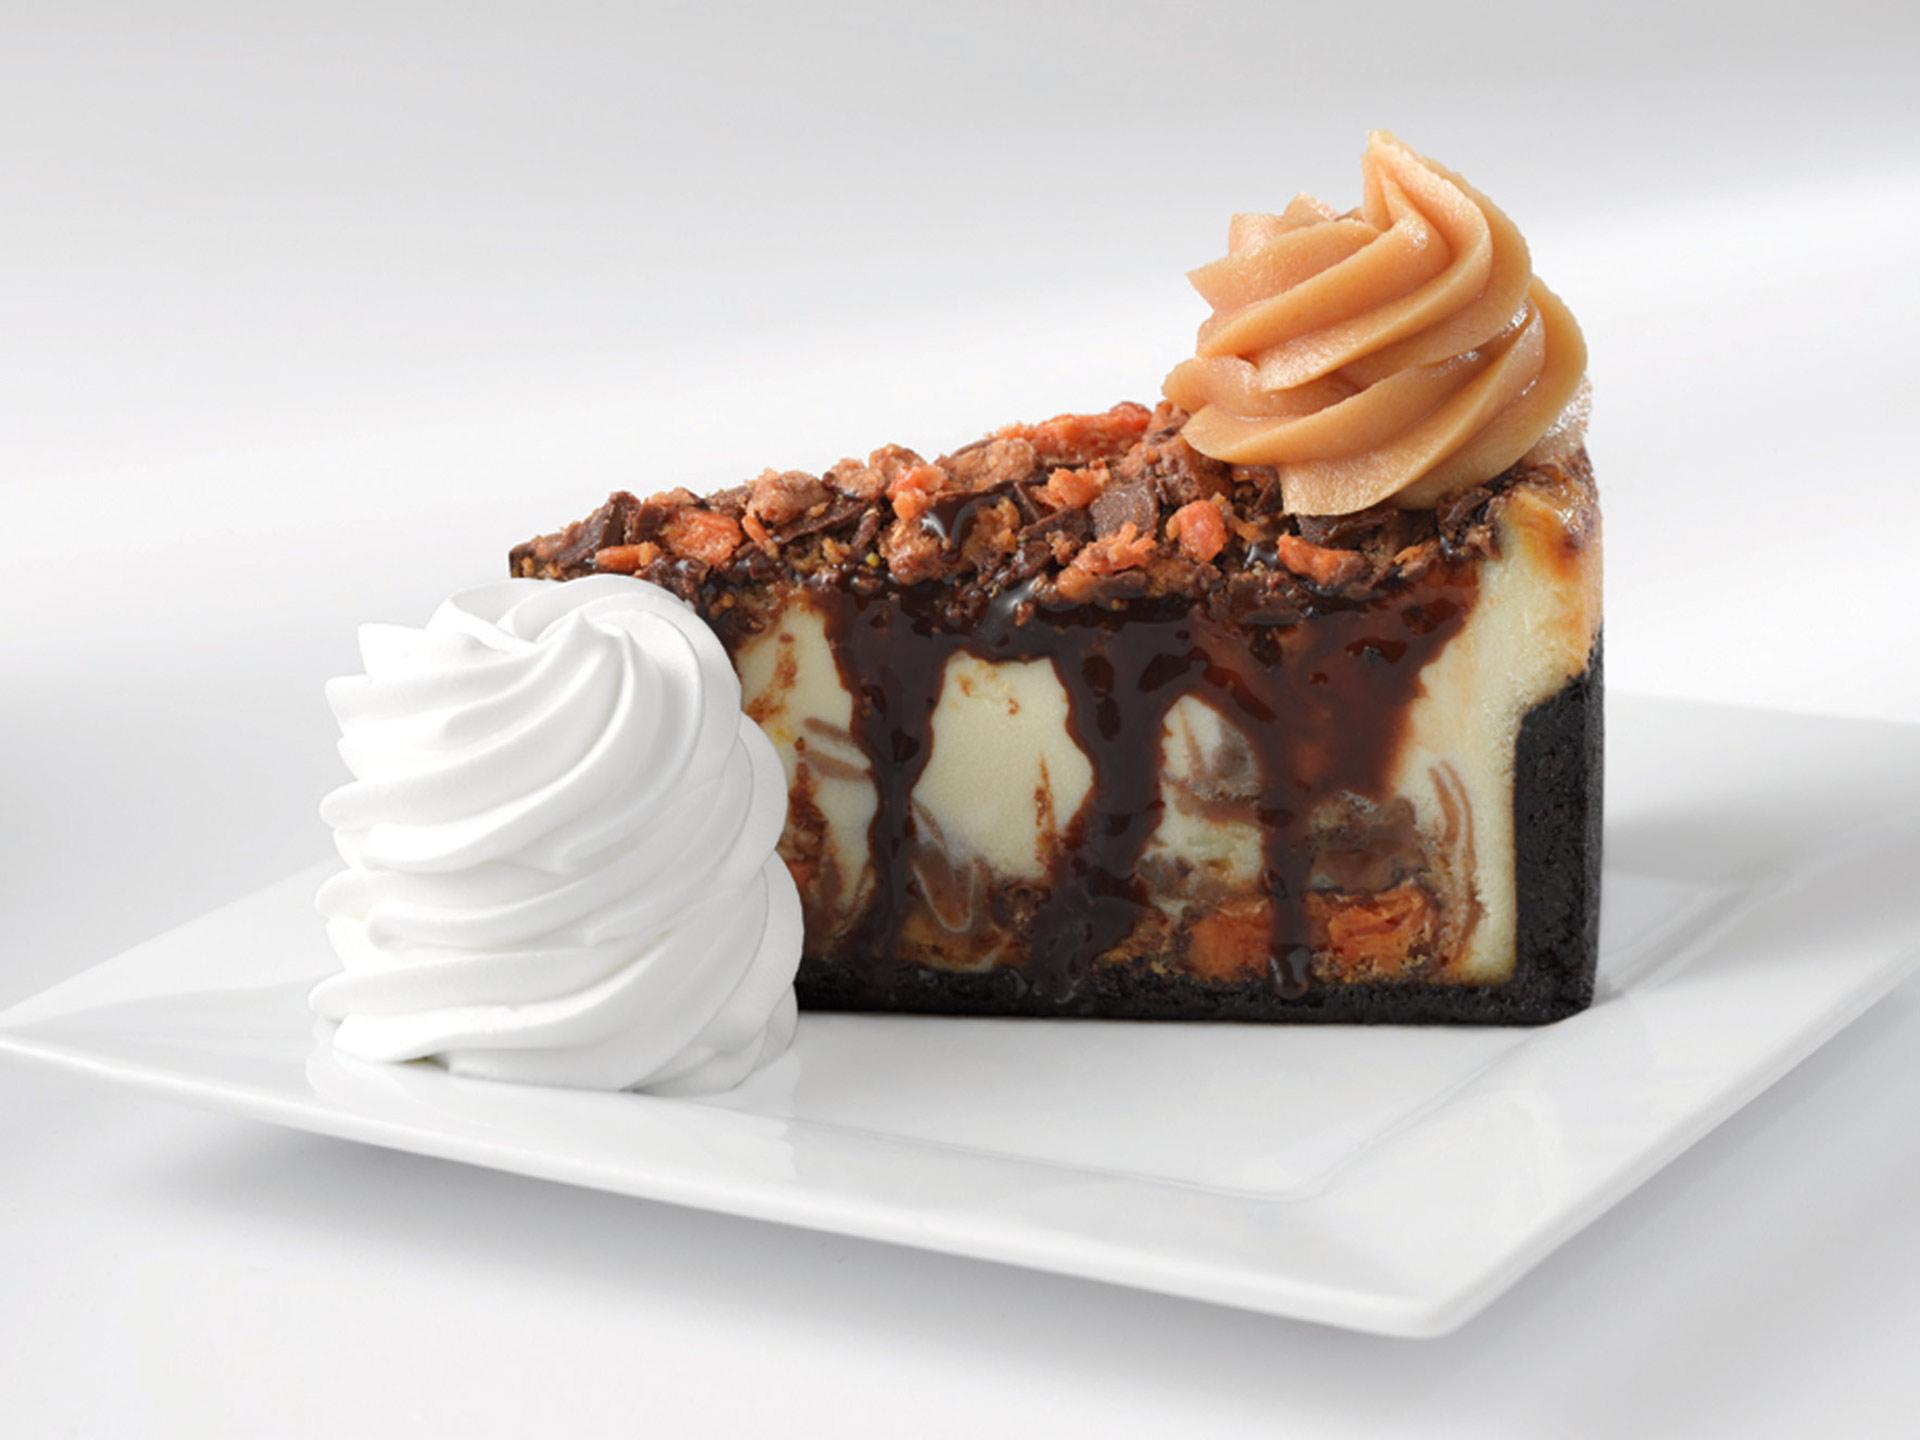 Mogyorókrémes cheesecake